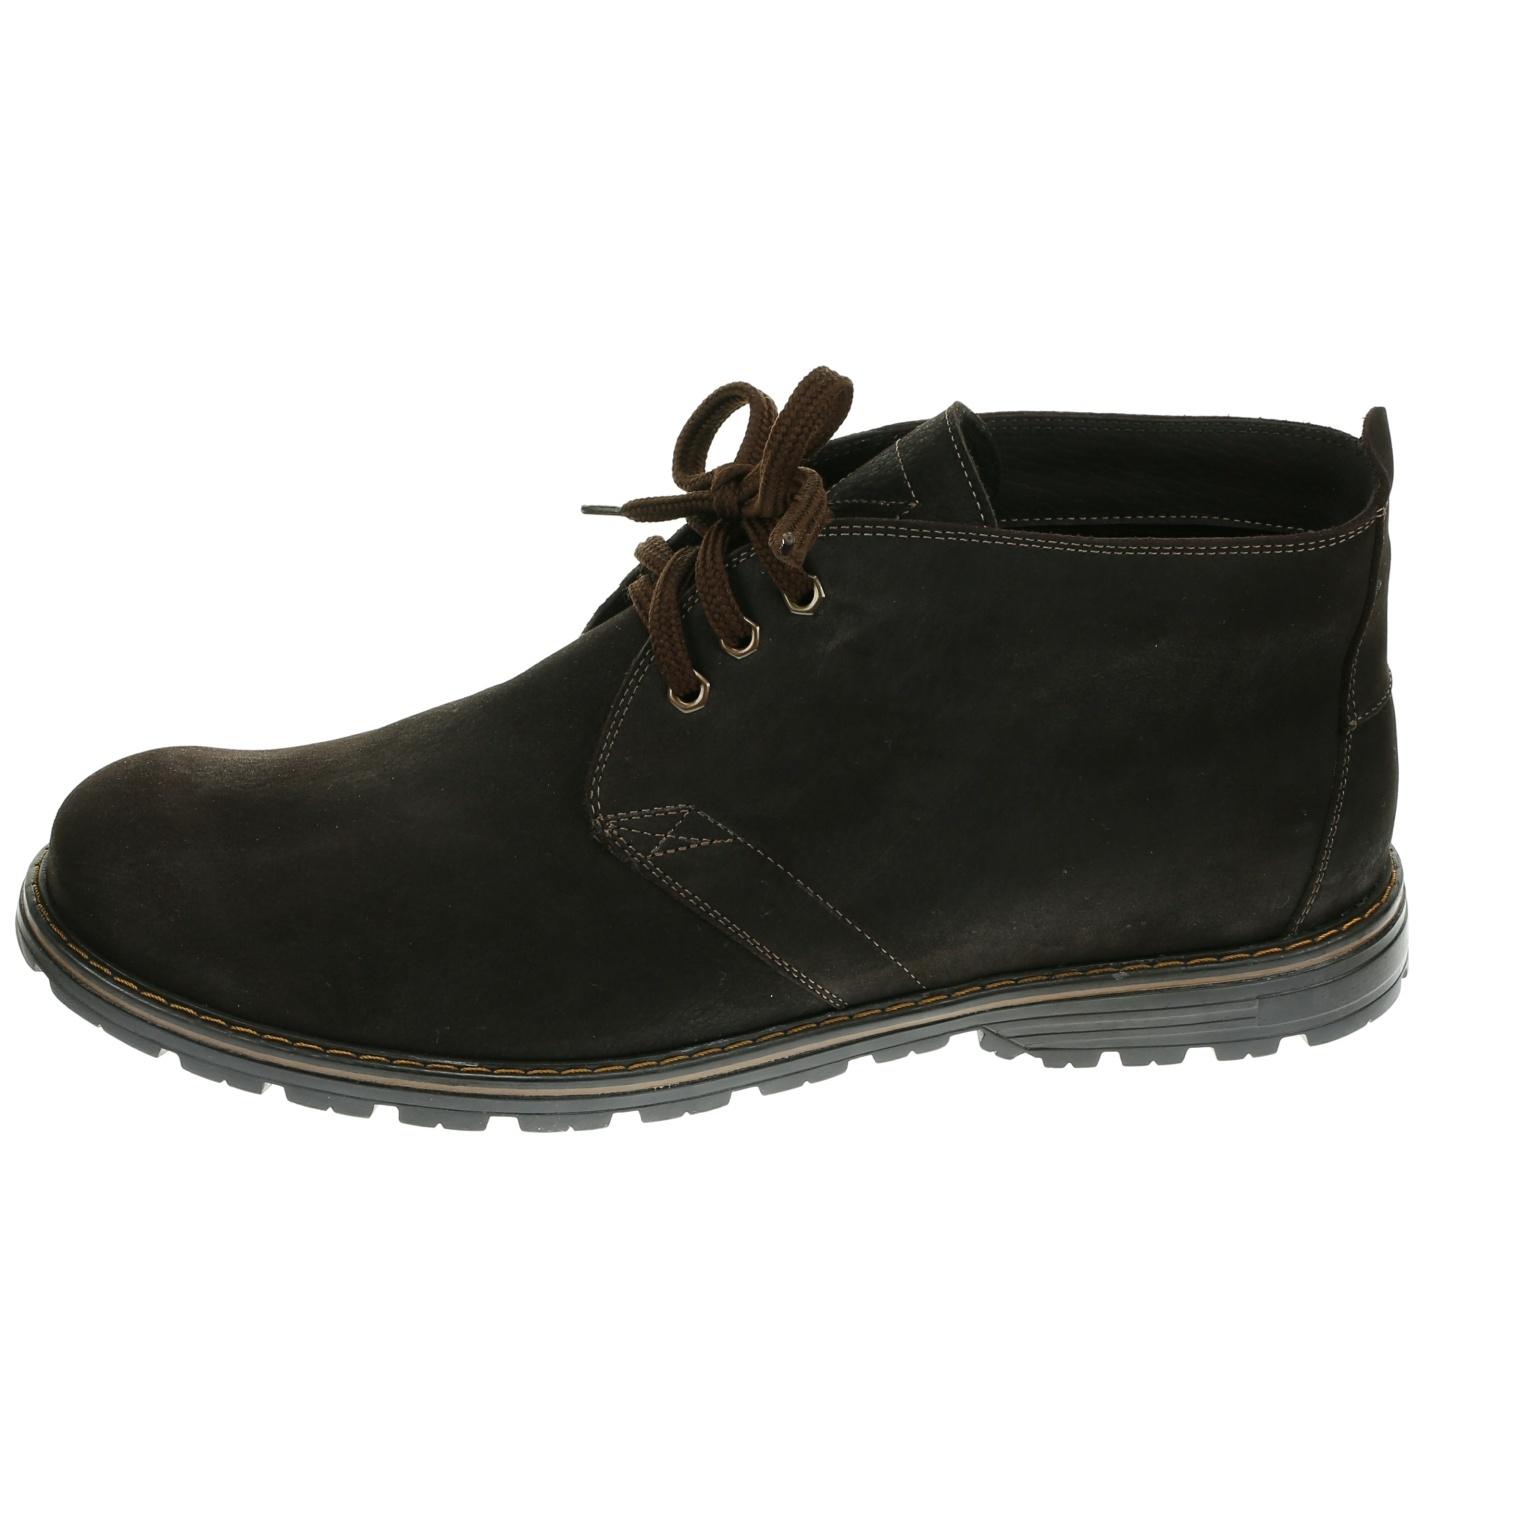 564483 ботинки мужские коричневые байка больших размеров марки Делфино